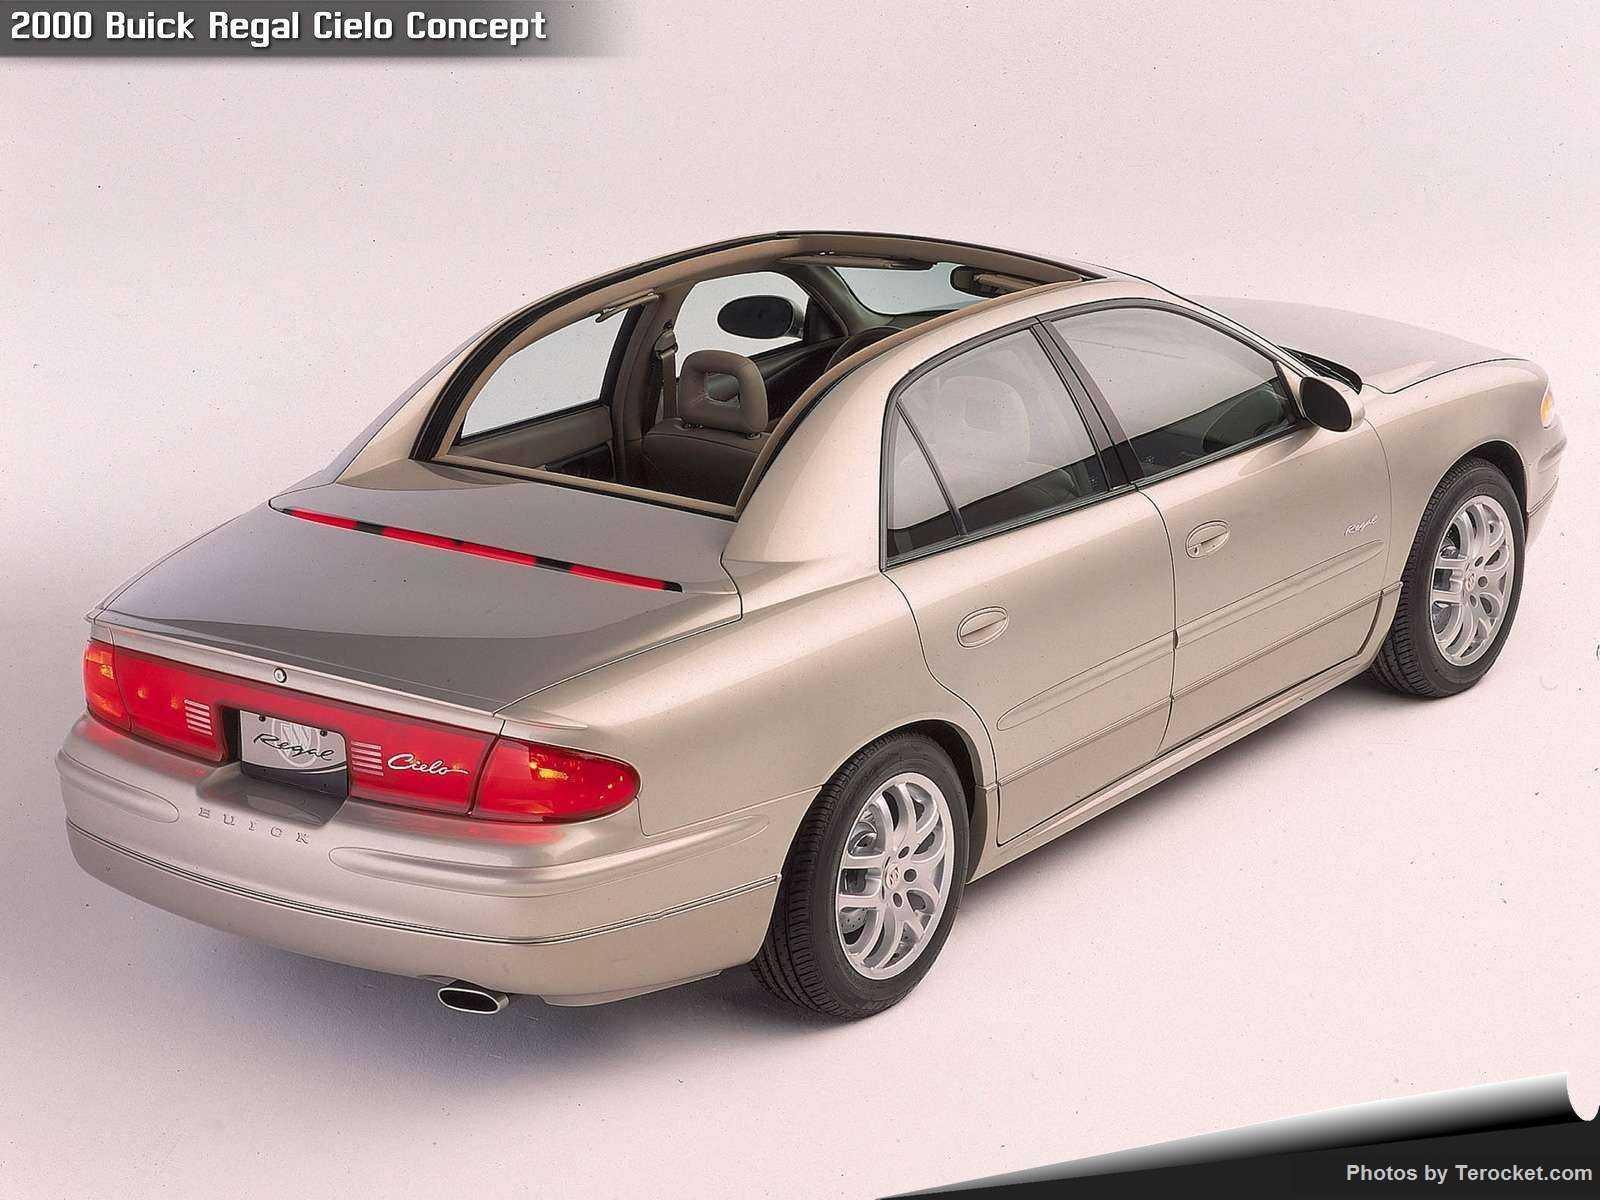 Hình ảnh xe ô tô Buick Regal Cielo Concept 2000 & nội ngoại thất